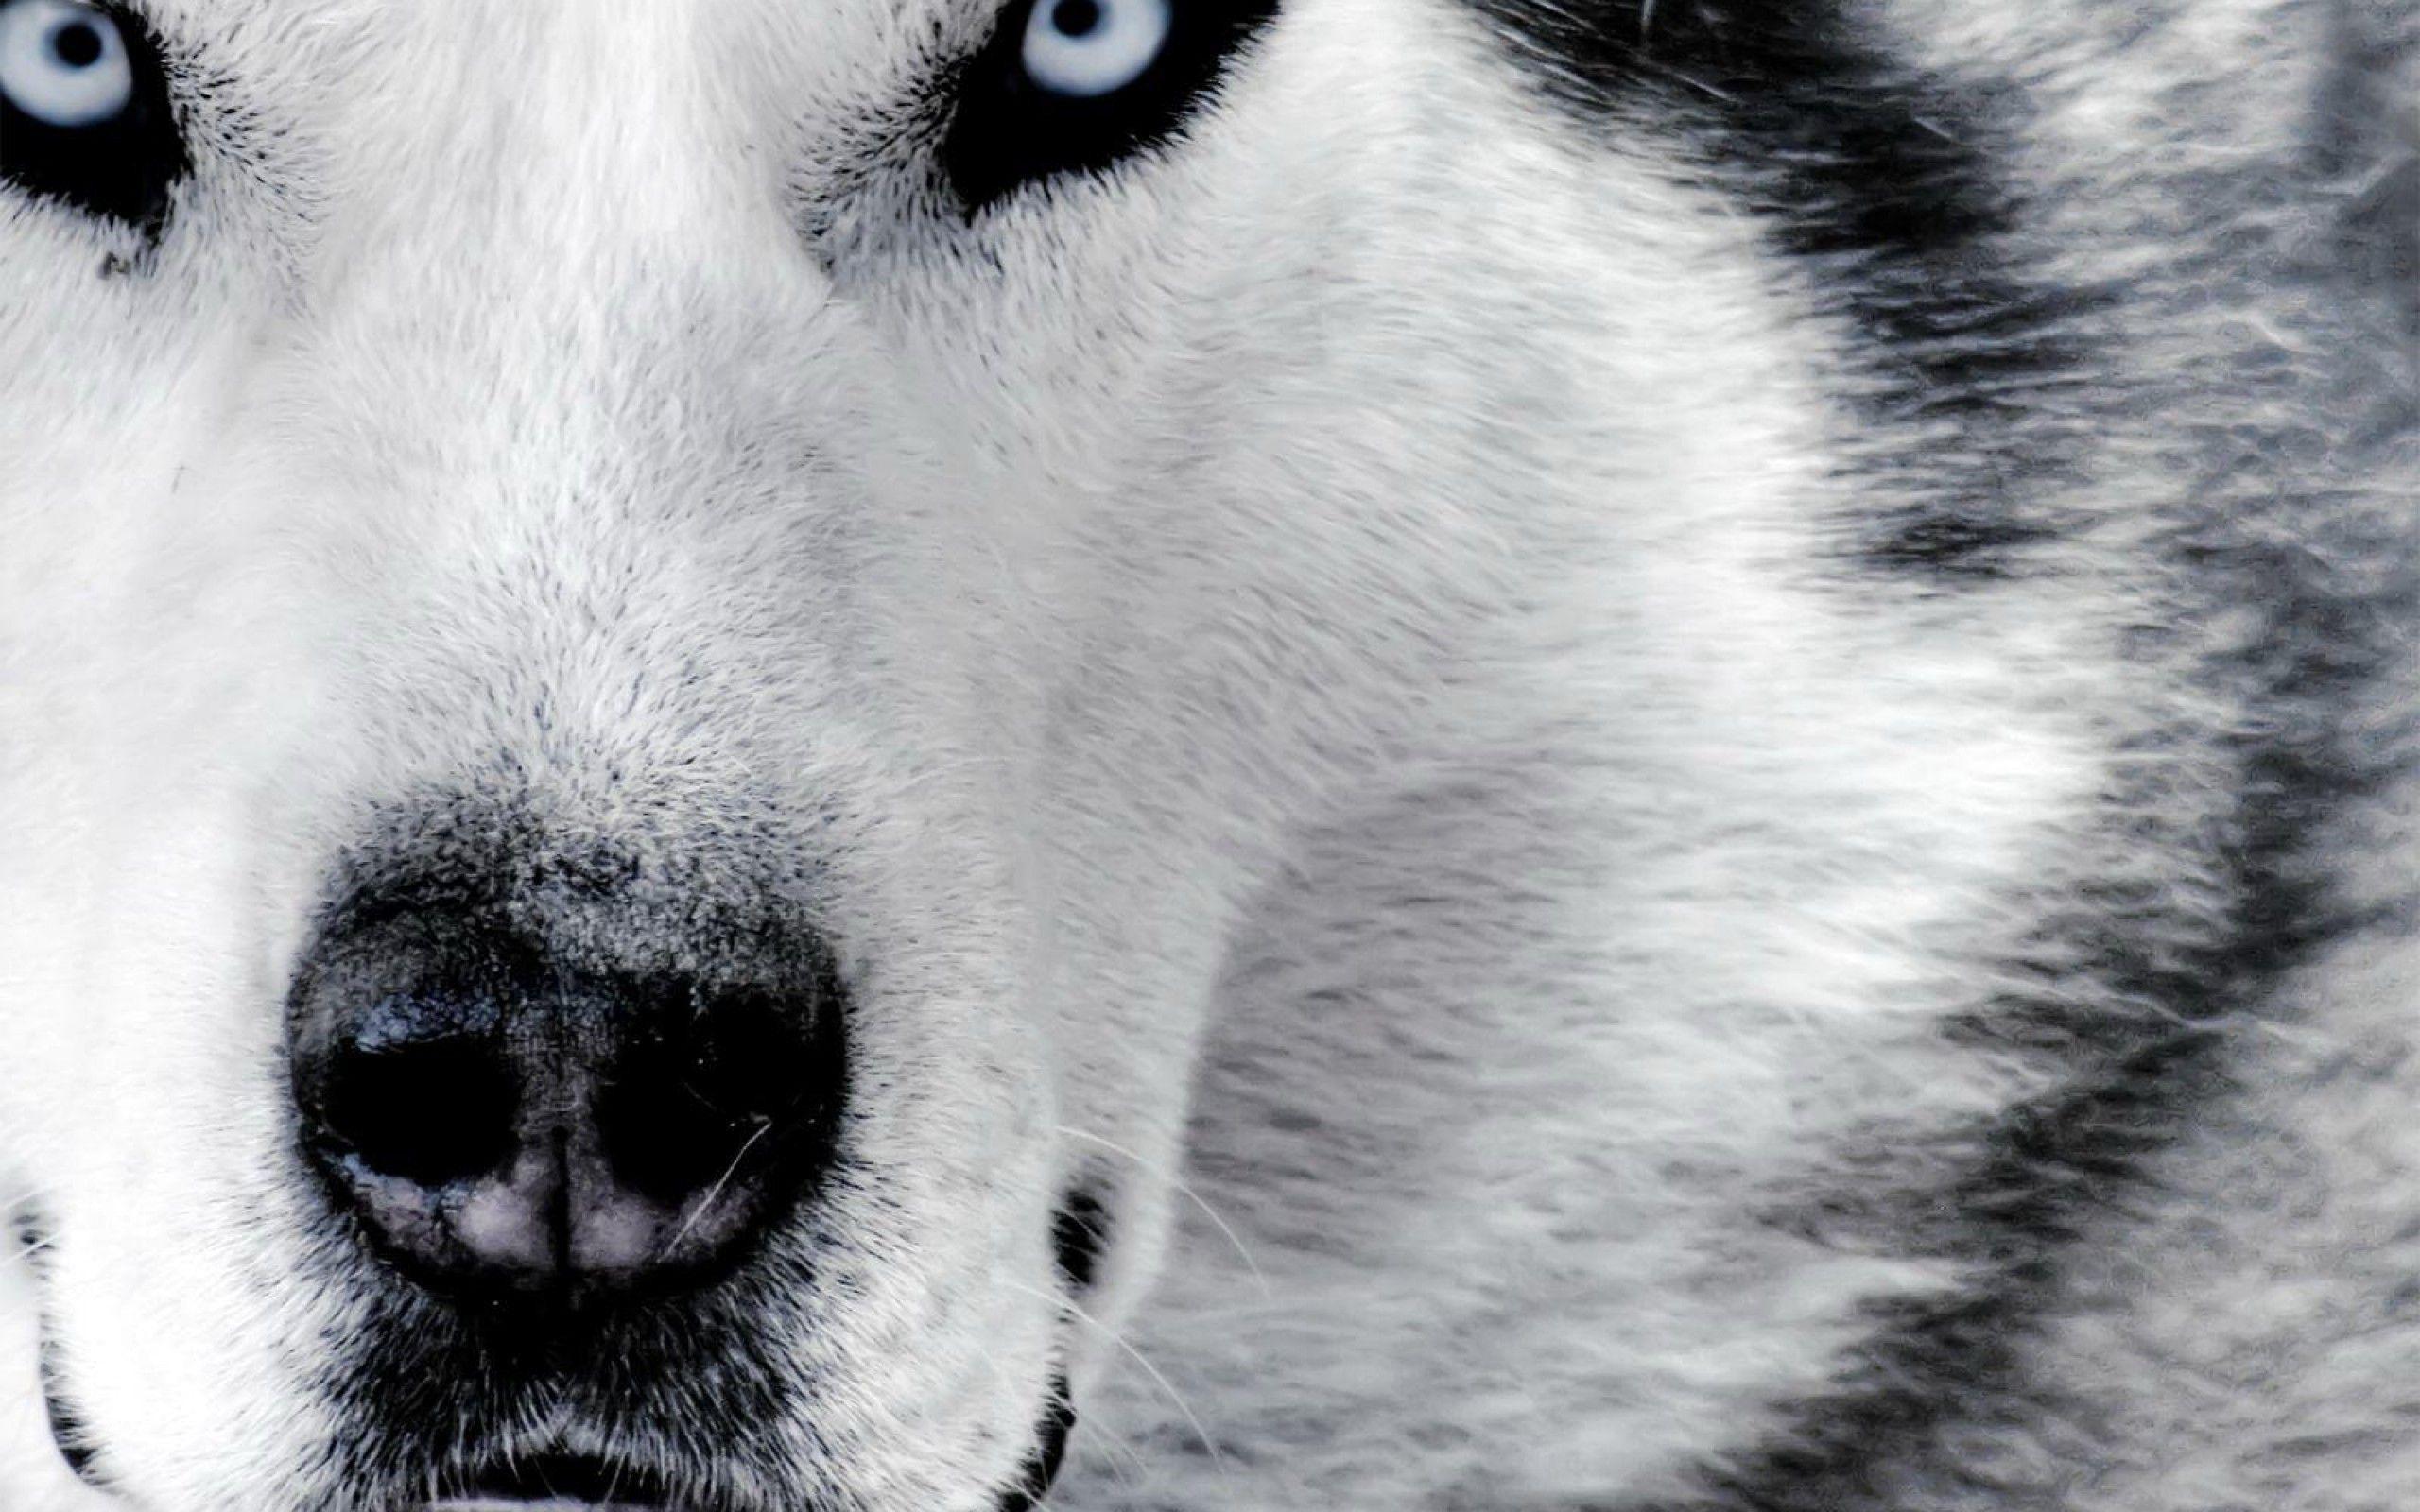 Full <b>HD</b> 1080p <b>Wolf Wallpapers HD